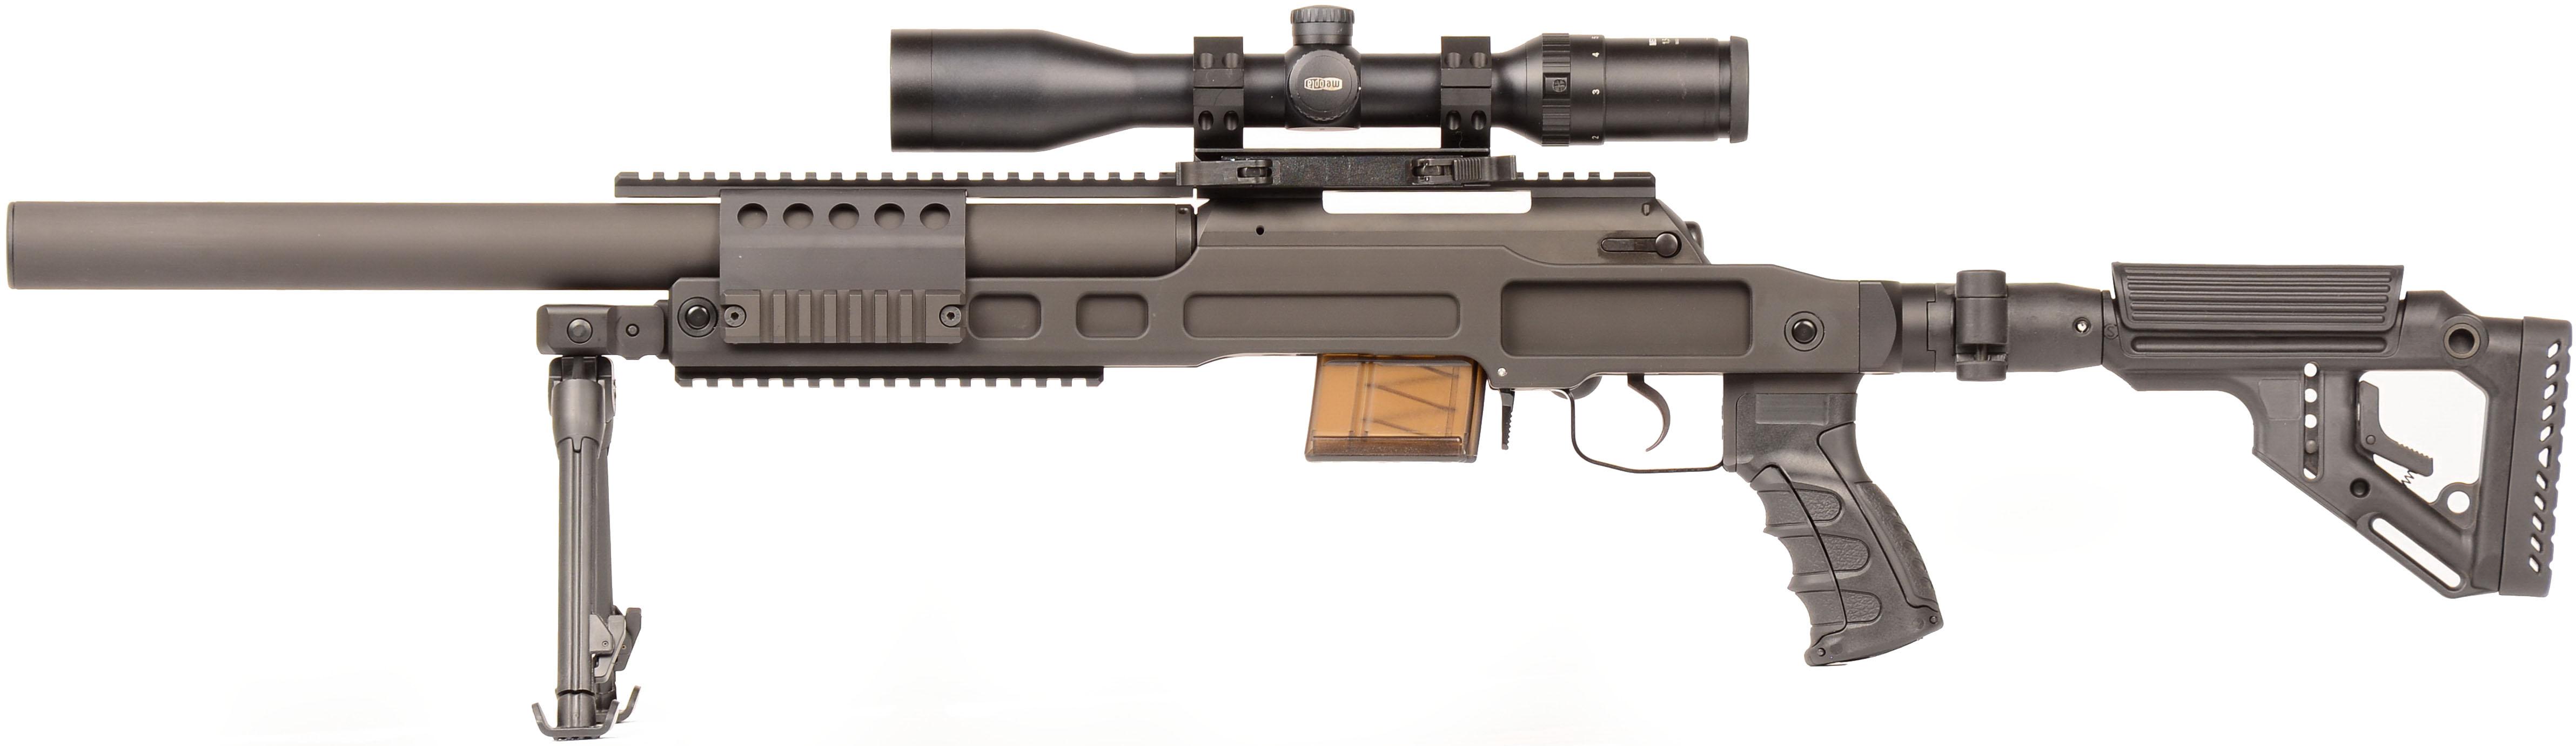 B&T Bolt Action Rifle SPR300  300 Whisper /  300 Blackout